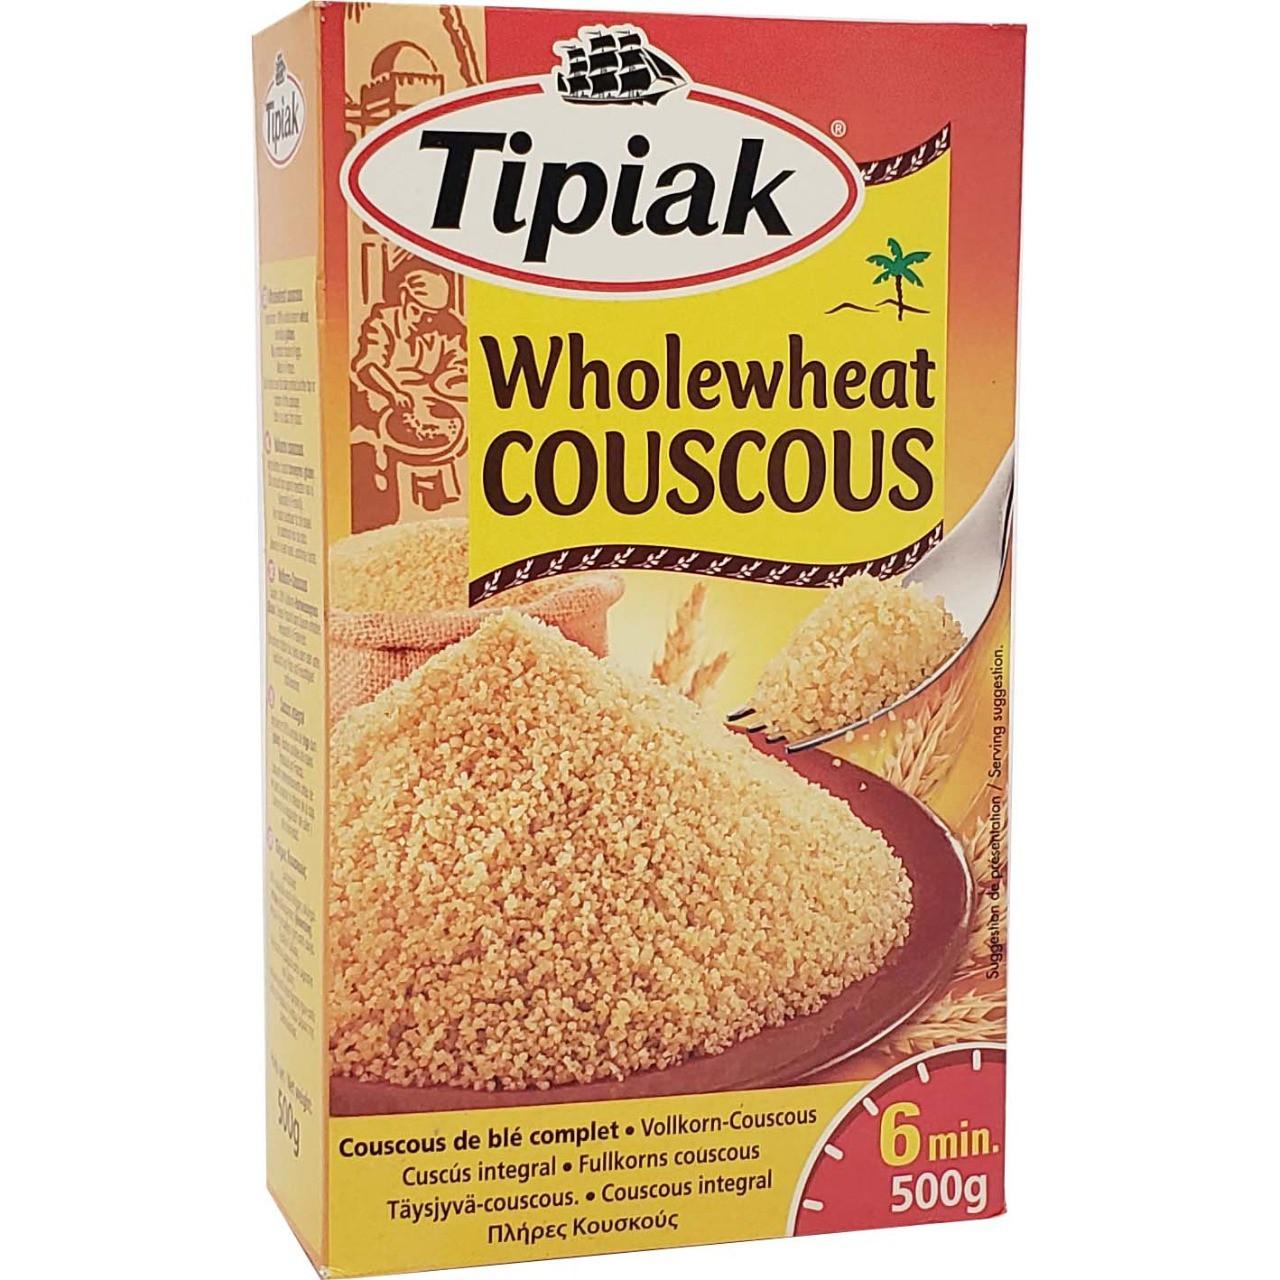 Wholewheat Couscous Tipiak - 500gr -